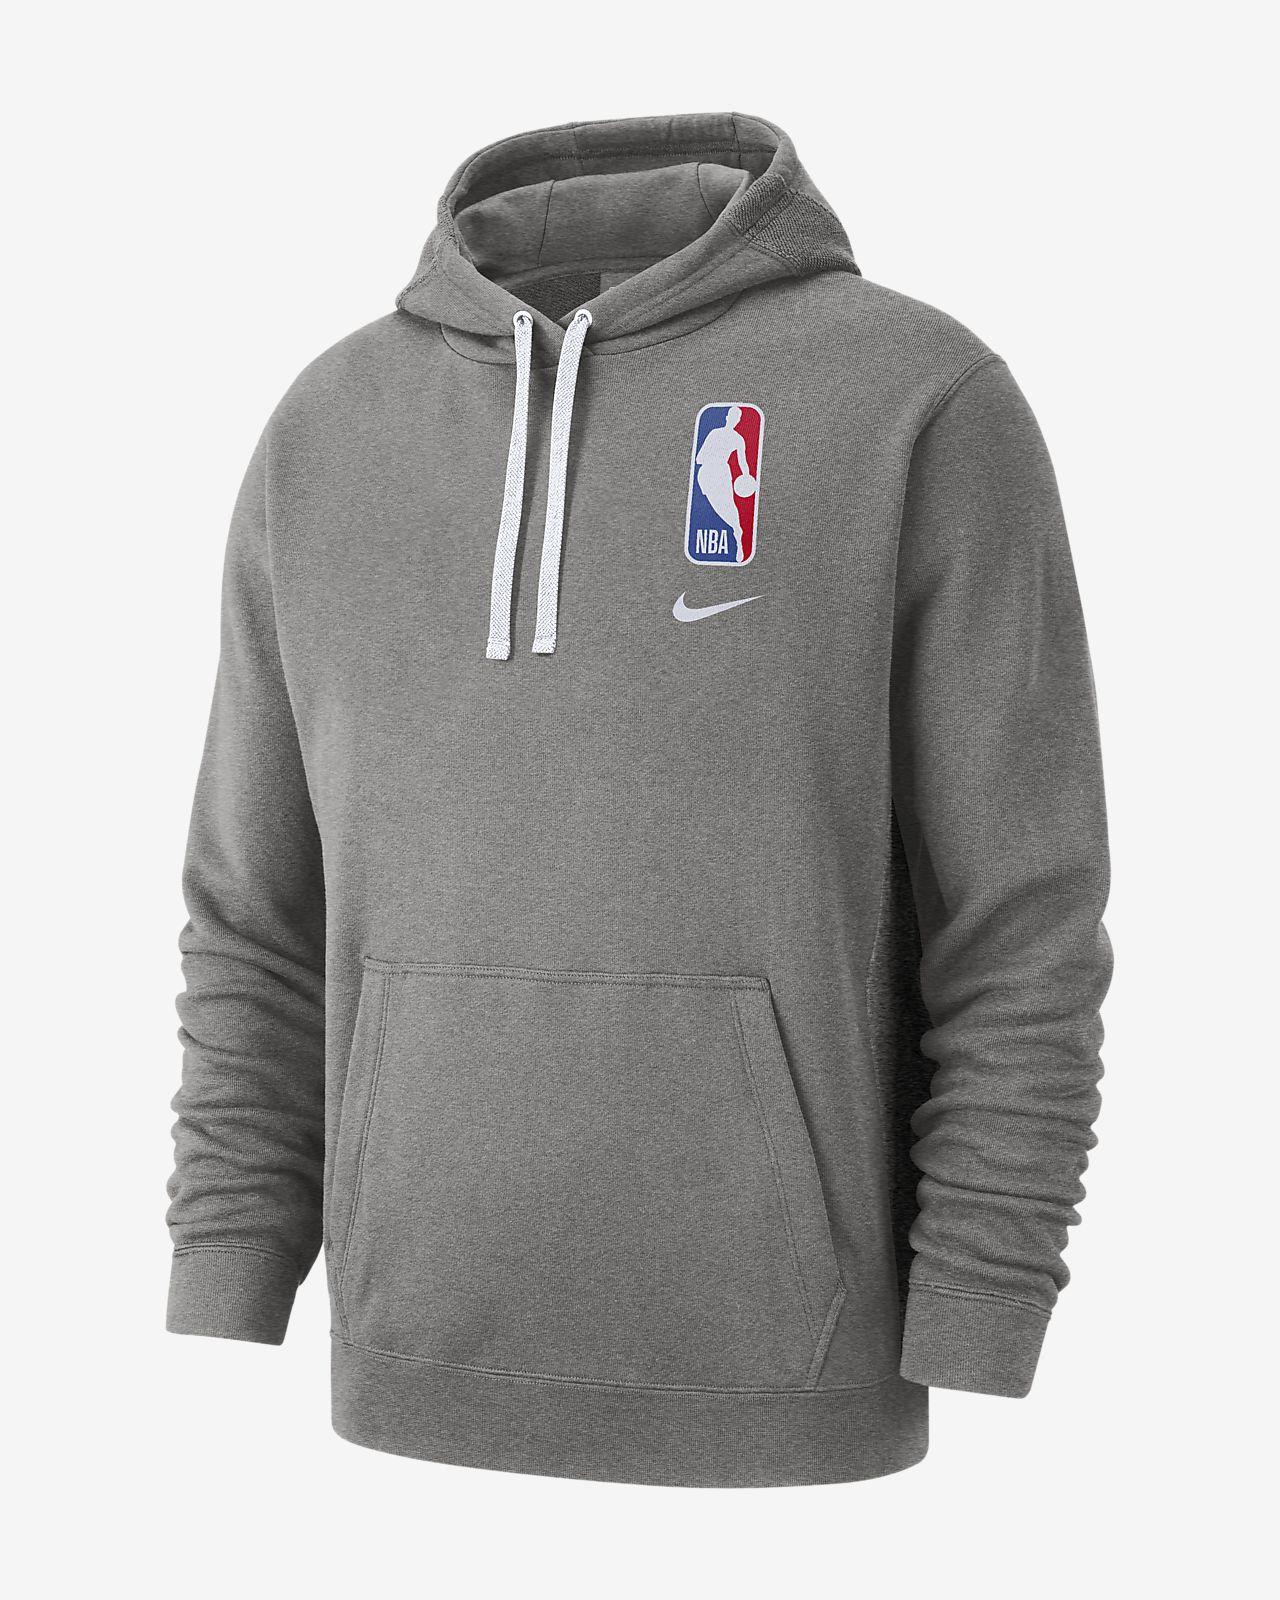 Nike NBA-hettegenser til herre